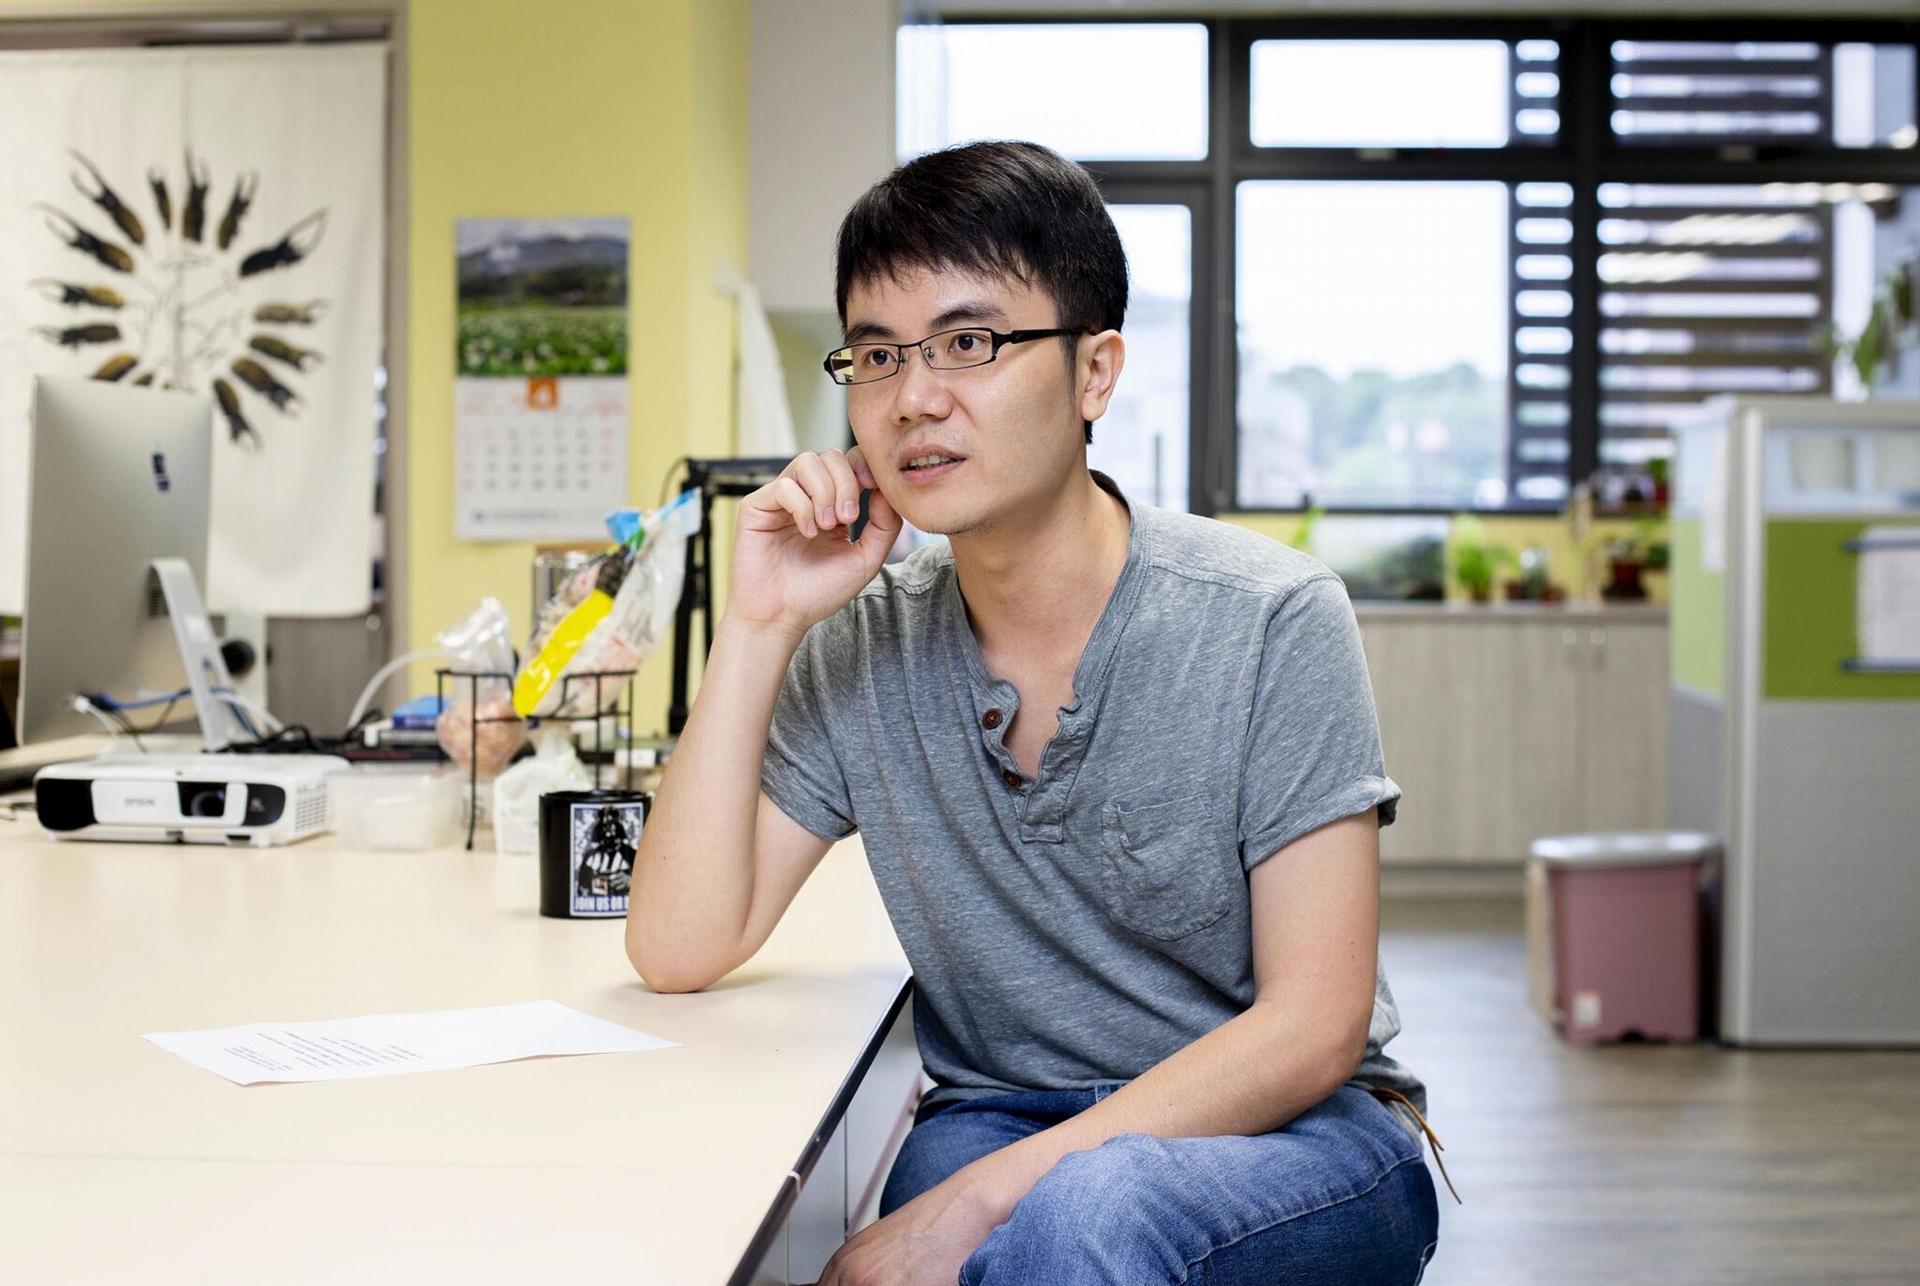 回到臺灣後,黃仁磐除了鑽研多年的地衣、甲蟲以外,也嘗試新的方向,開始利用族群遺傳學來量化評估保育政策。 圖│研之有物